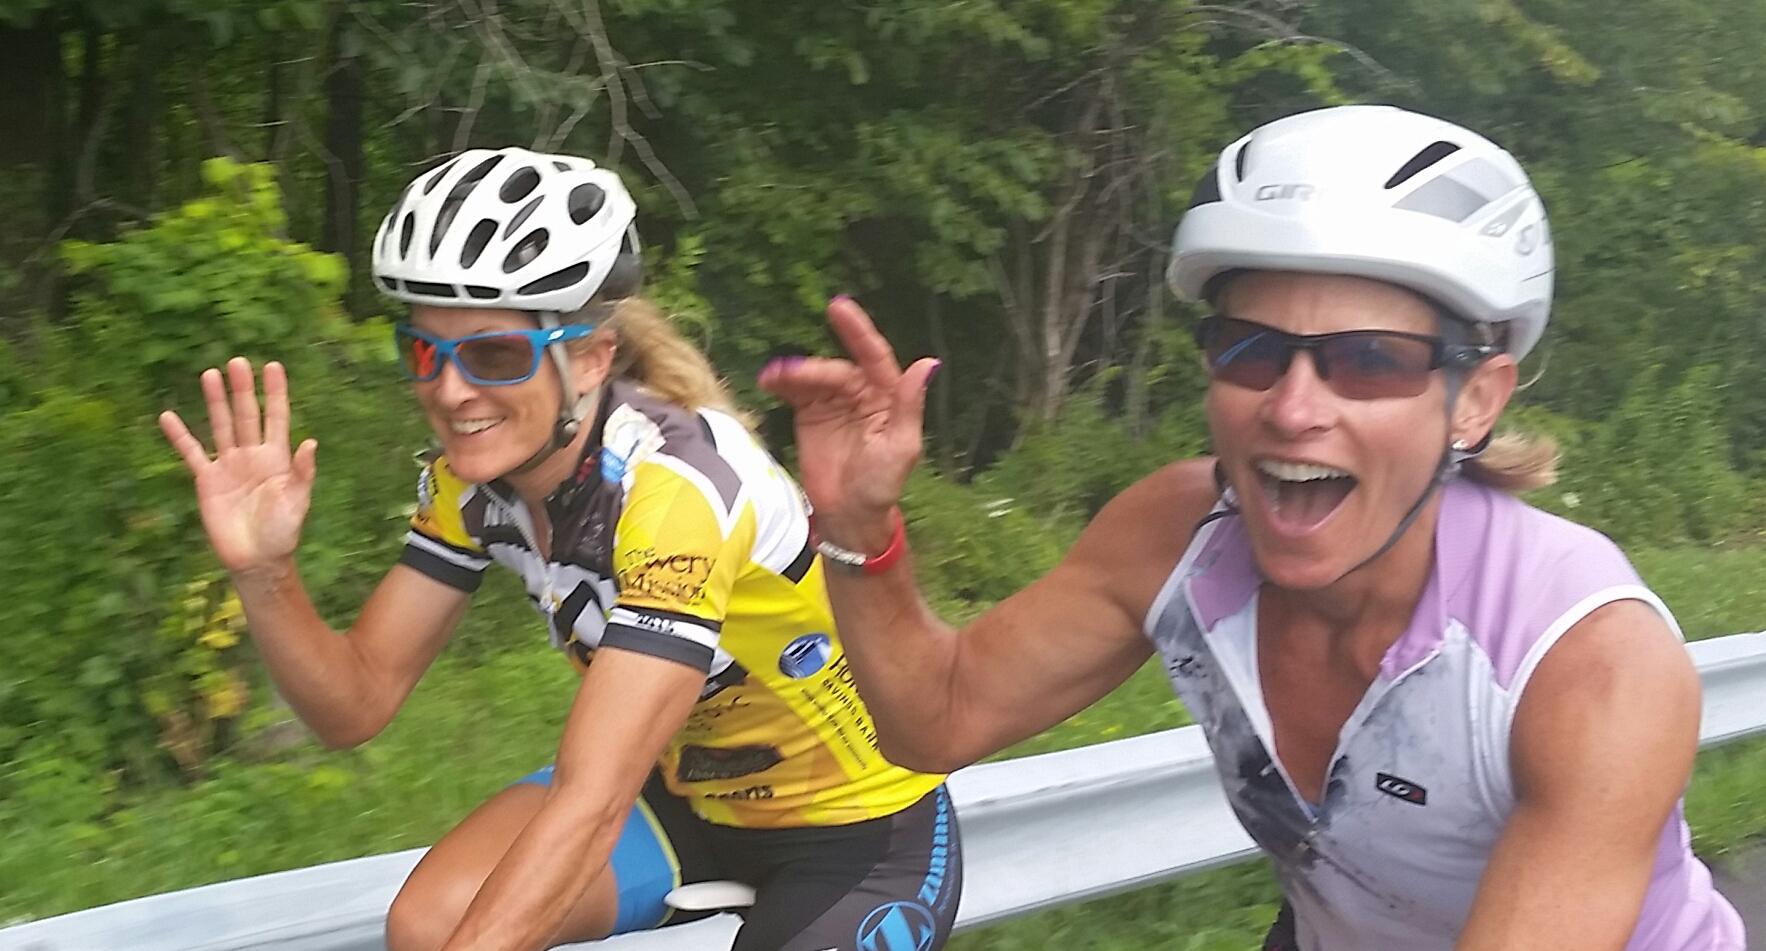 Beth Ruiz and Fran Vincent, both of Delmar, making a training ride fun.  Andy Ruiz